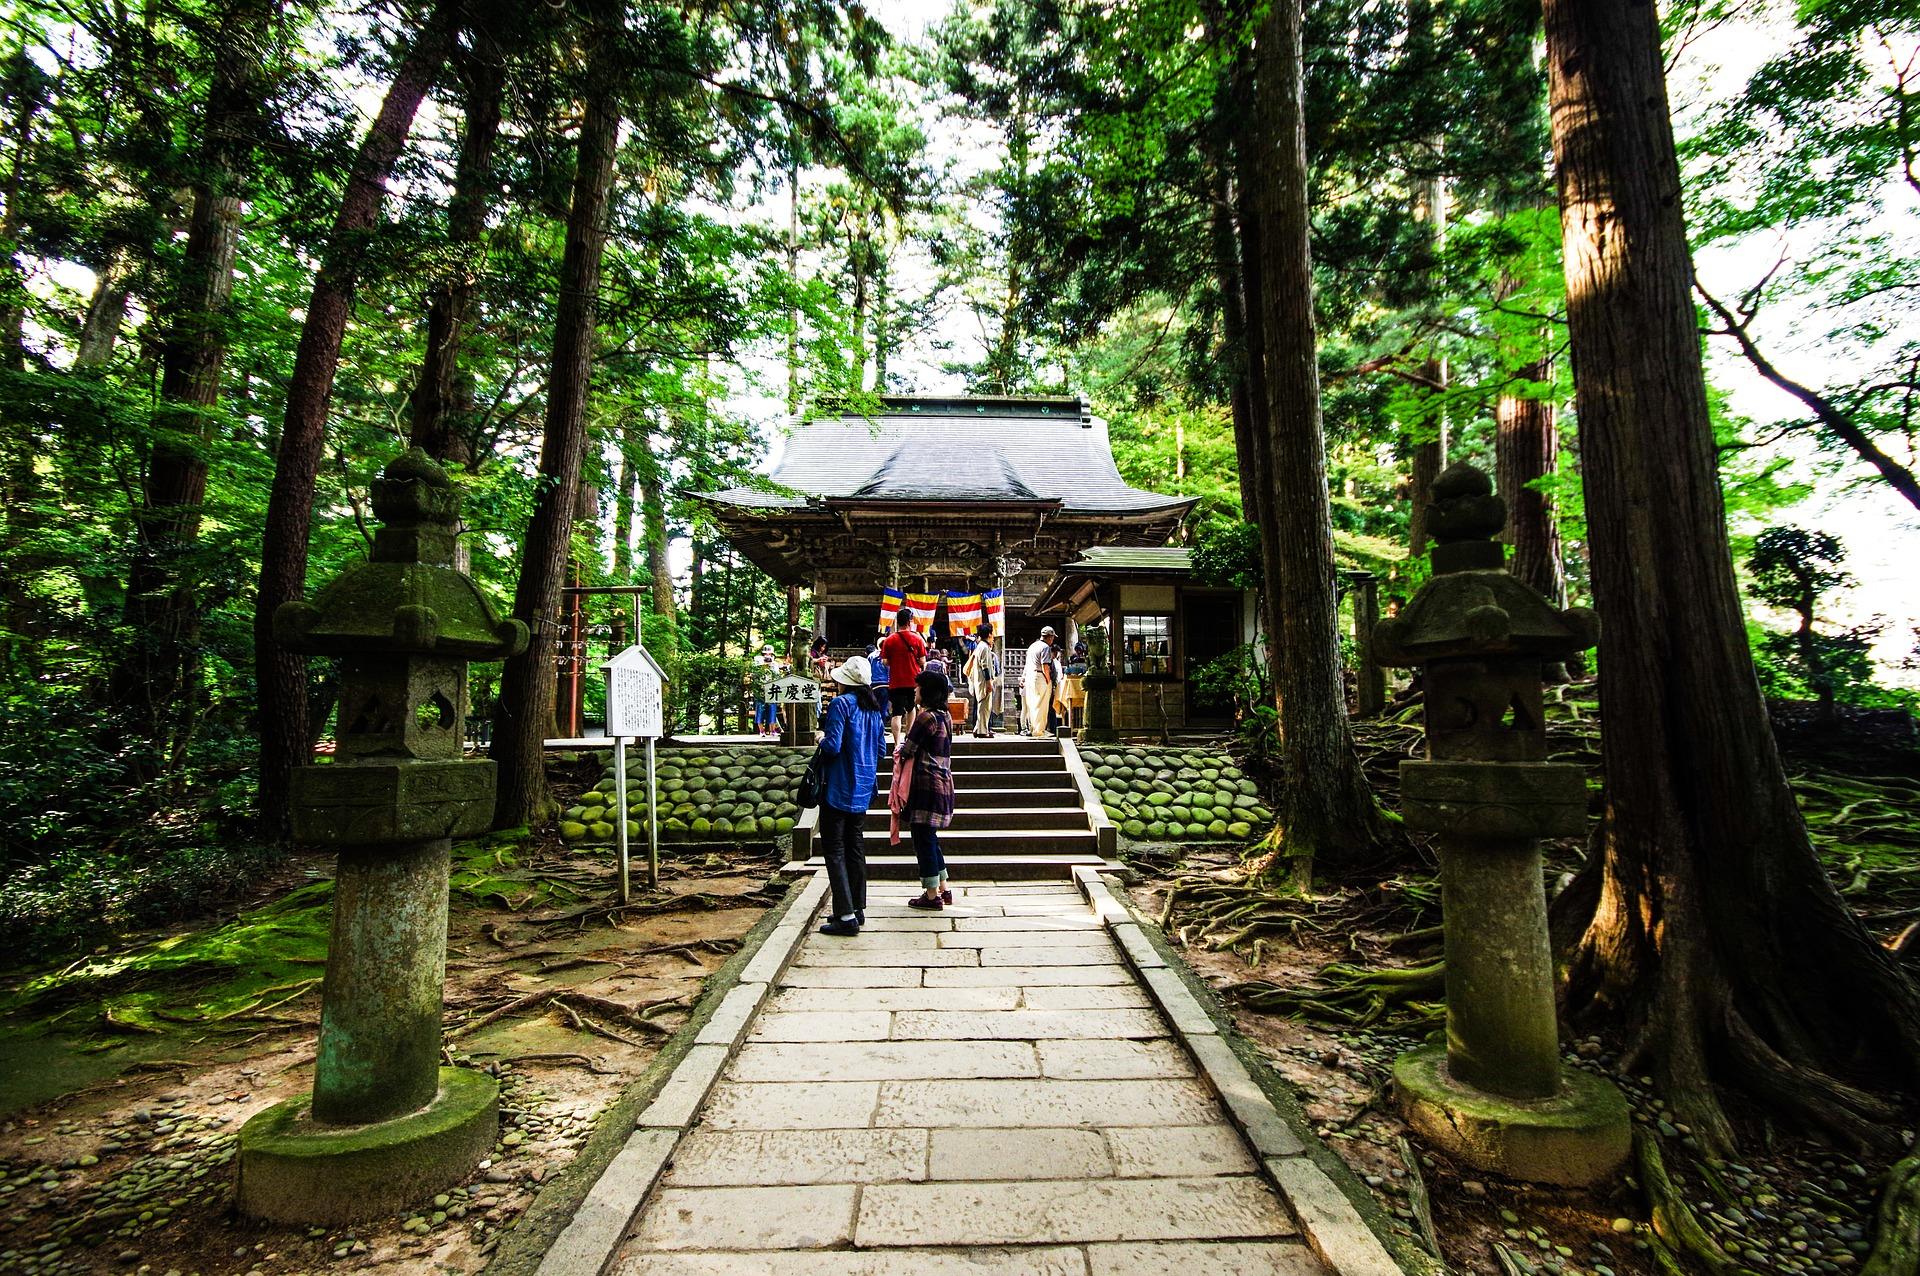 「熱田神宮」誰も教えてくれなかった秘密のデート。神社ならここだ!